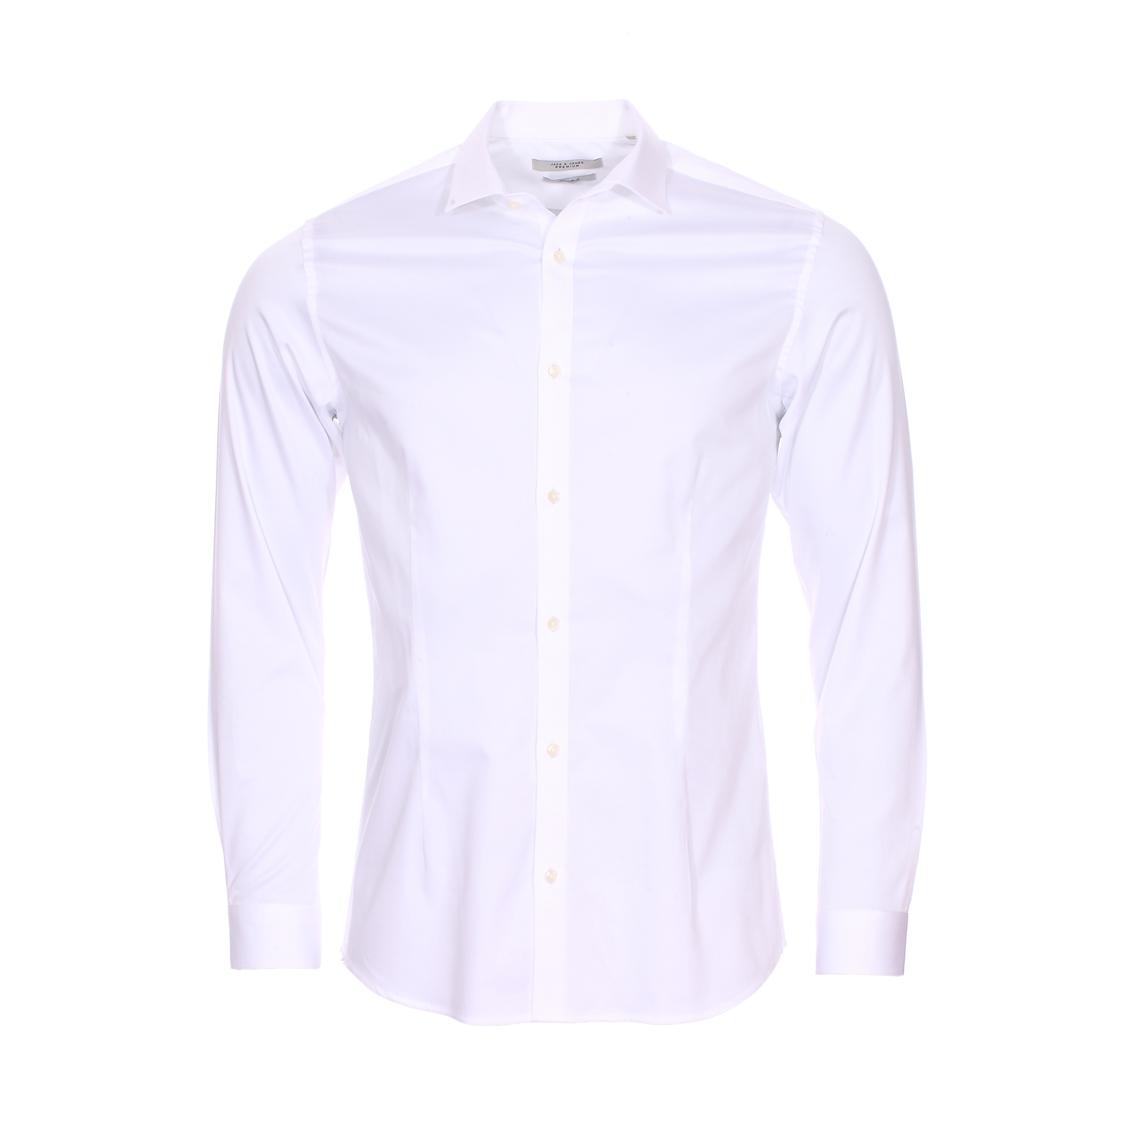 Chemise cintrée  parma en coton stretch blanc